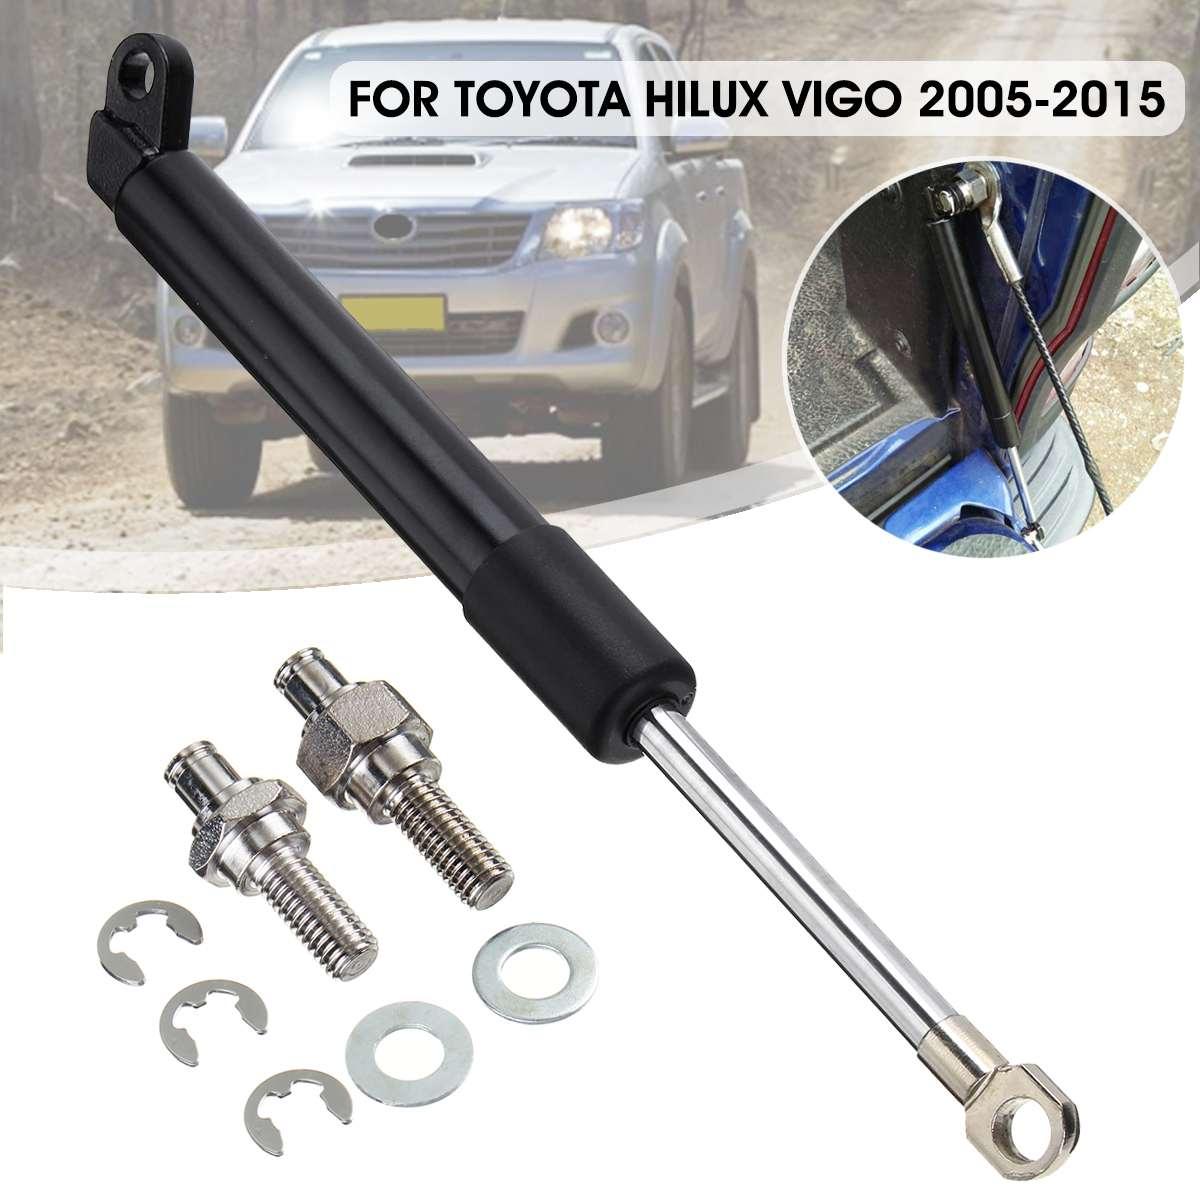 1 ชุดด้านหลัง TAIL Lift รองรับแก๊ส Strut Rod ARM Shocks Strut บาร์ Damper สำหรับ Toyota HILUX Vigo SR5 GGN15R KUN26R 2005-2015